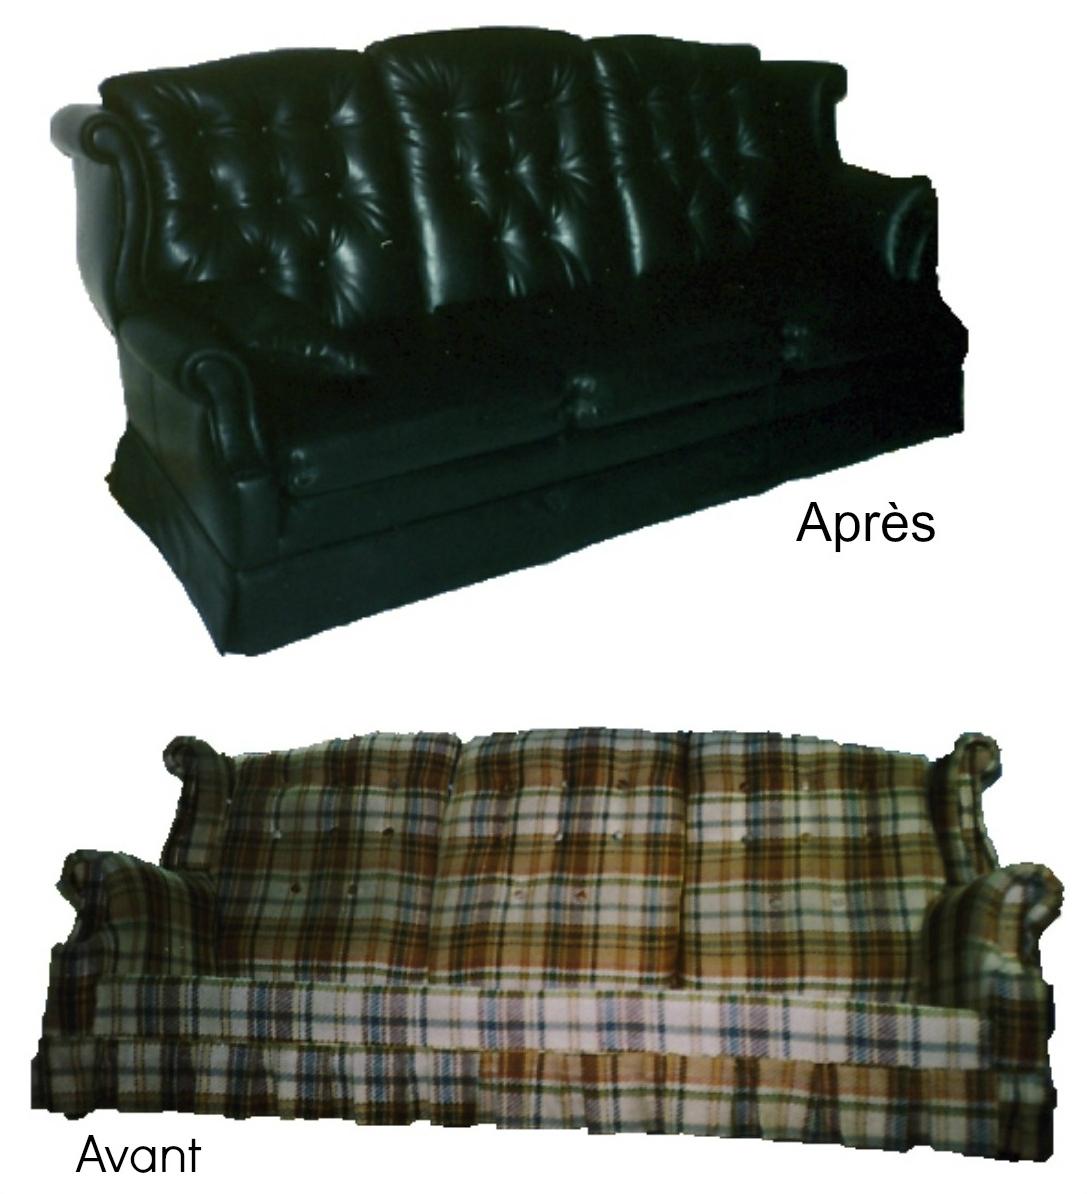 rembourrage d'un divan, avant et après notre travail le divan n'a plus le même look